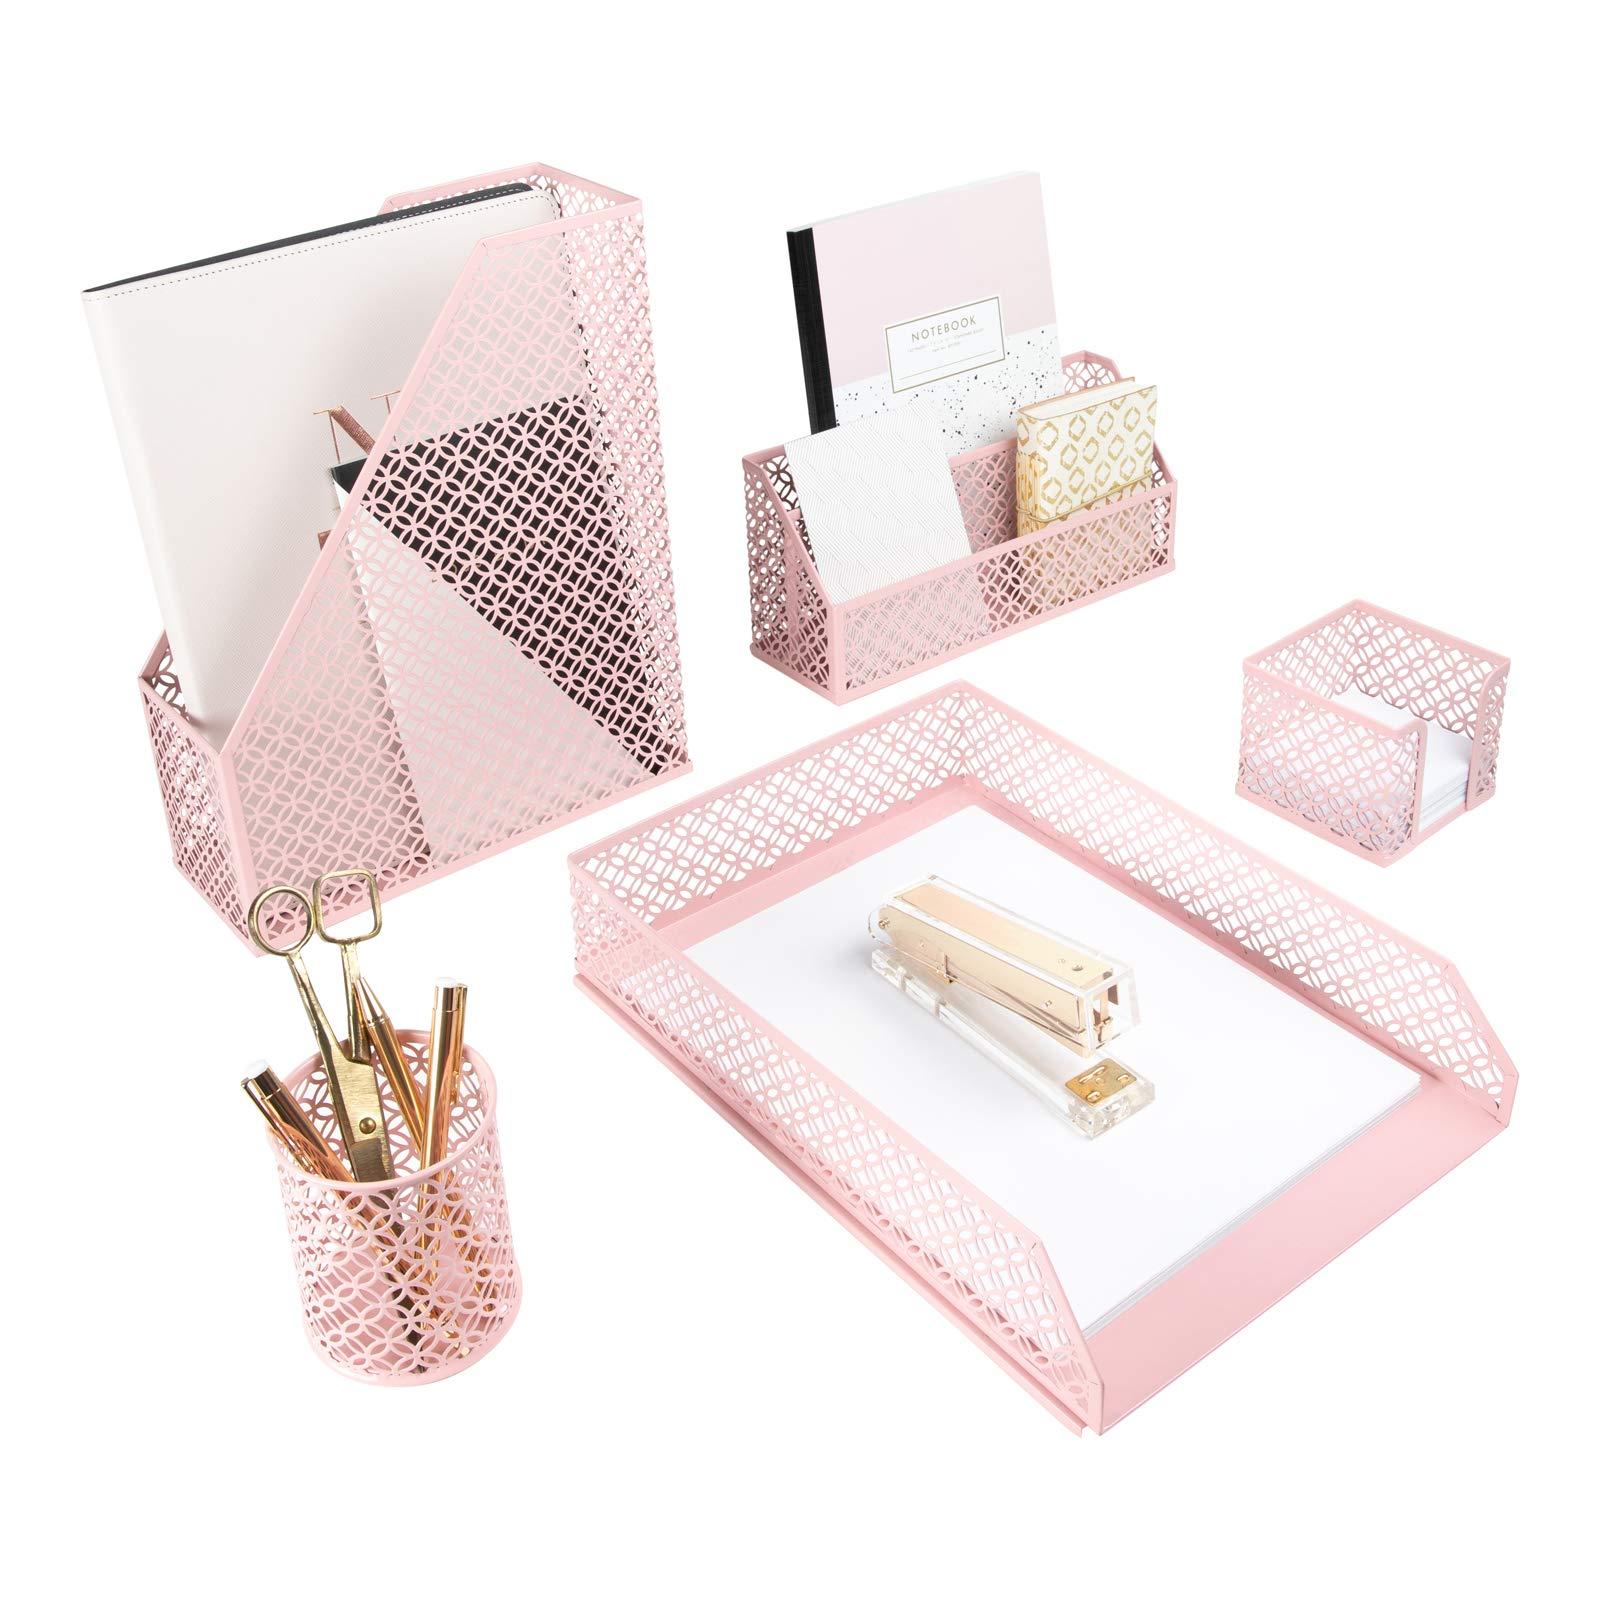 Blu Monaco Office Supplies Pink Desk Accessories for Women-34 Piece Desk  Organizer Set-Mail Sorter, Sticky Note Holder, Pen Cup, Magazine Holder,